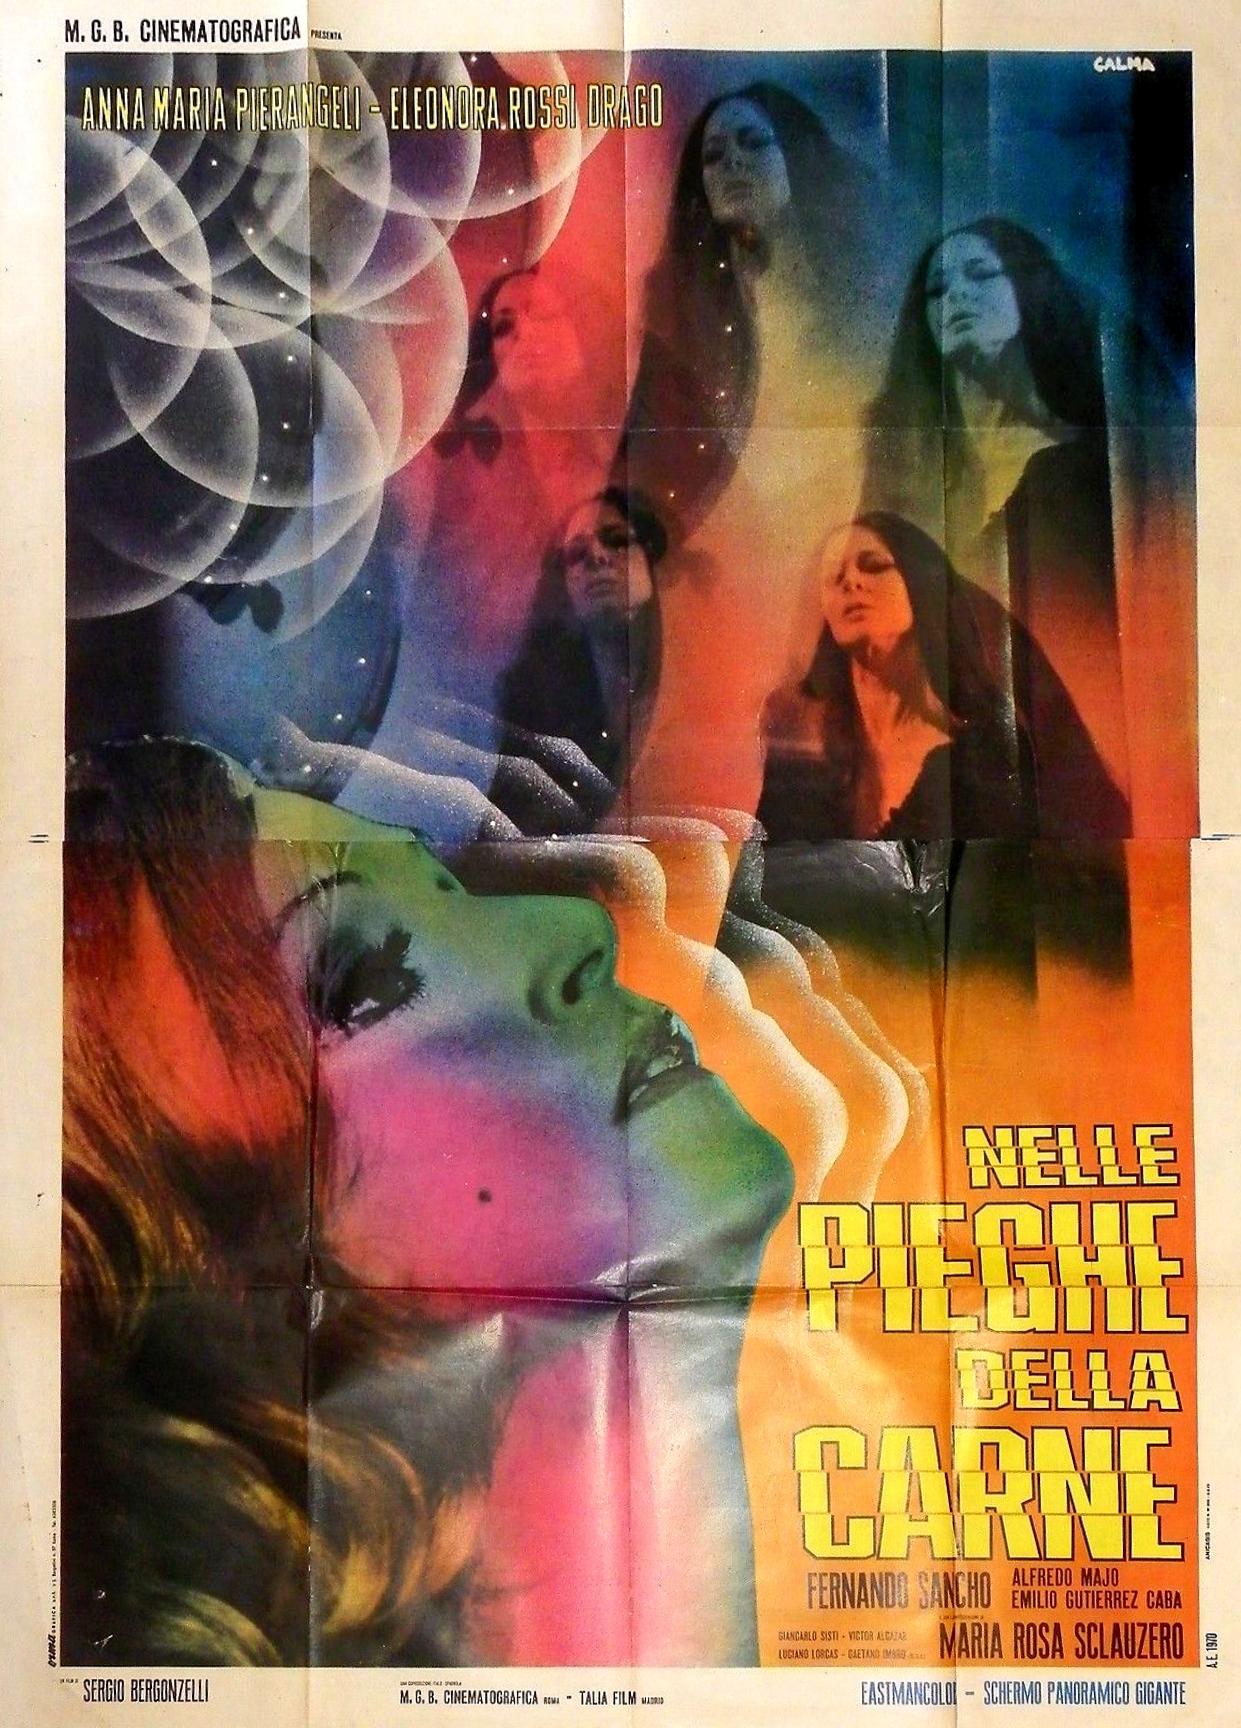 Pier Angeli in Nelle pieghe della carne (1970)